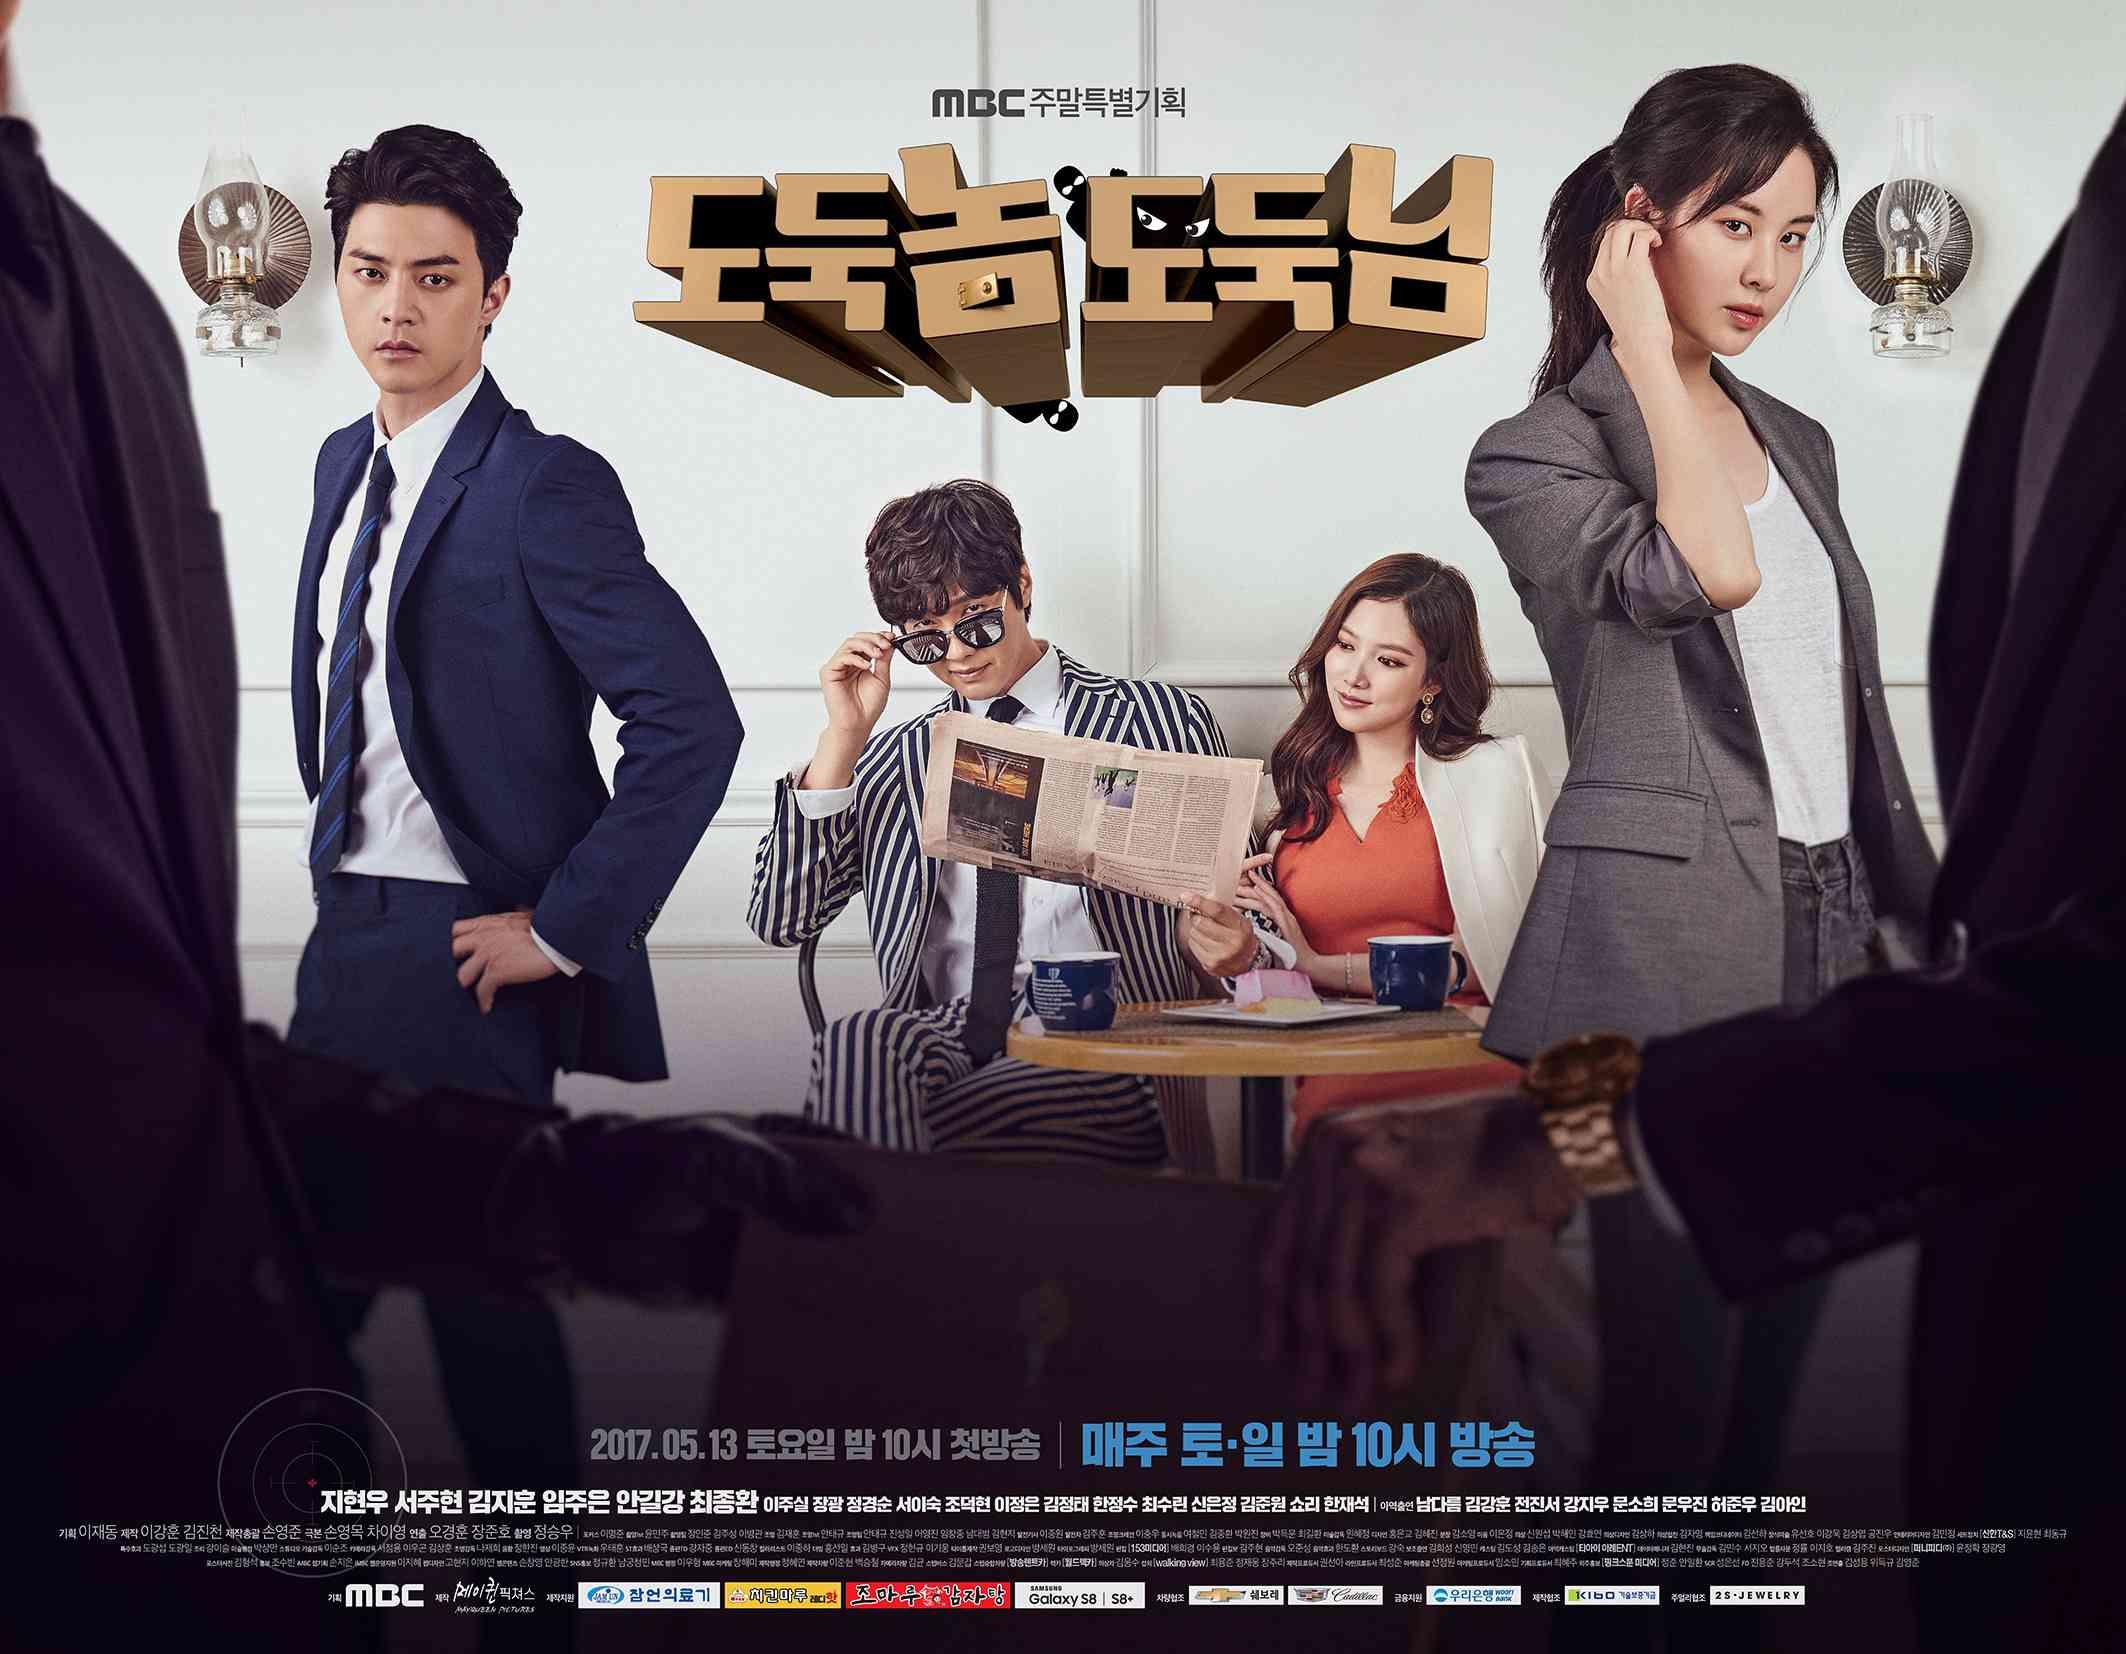 這部戲是在講此劇講述掌控大韓民國的少數權勢家族與小偷之間的故事,希望大家能多多支持我們忙內徐玄的戲哦,還沒看的粉絲快去看,保證讓你看到不同以往的徐玄♥♥♥